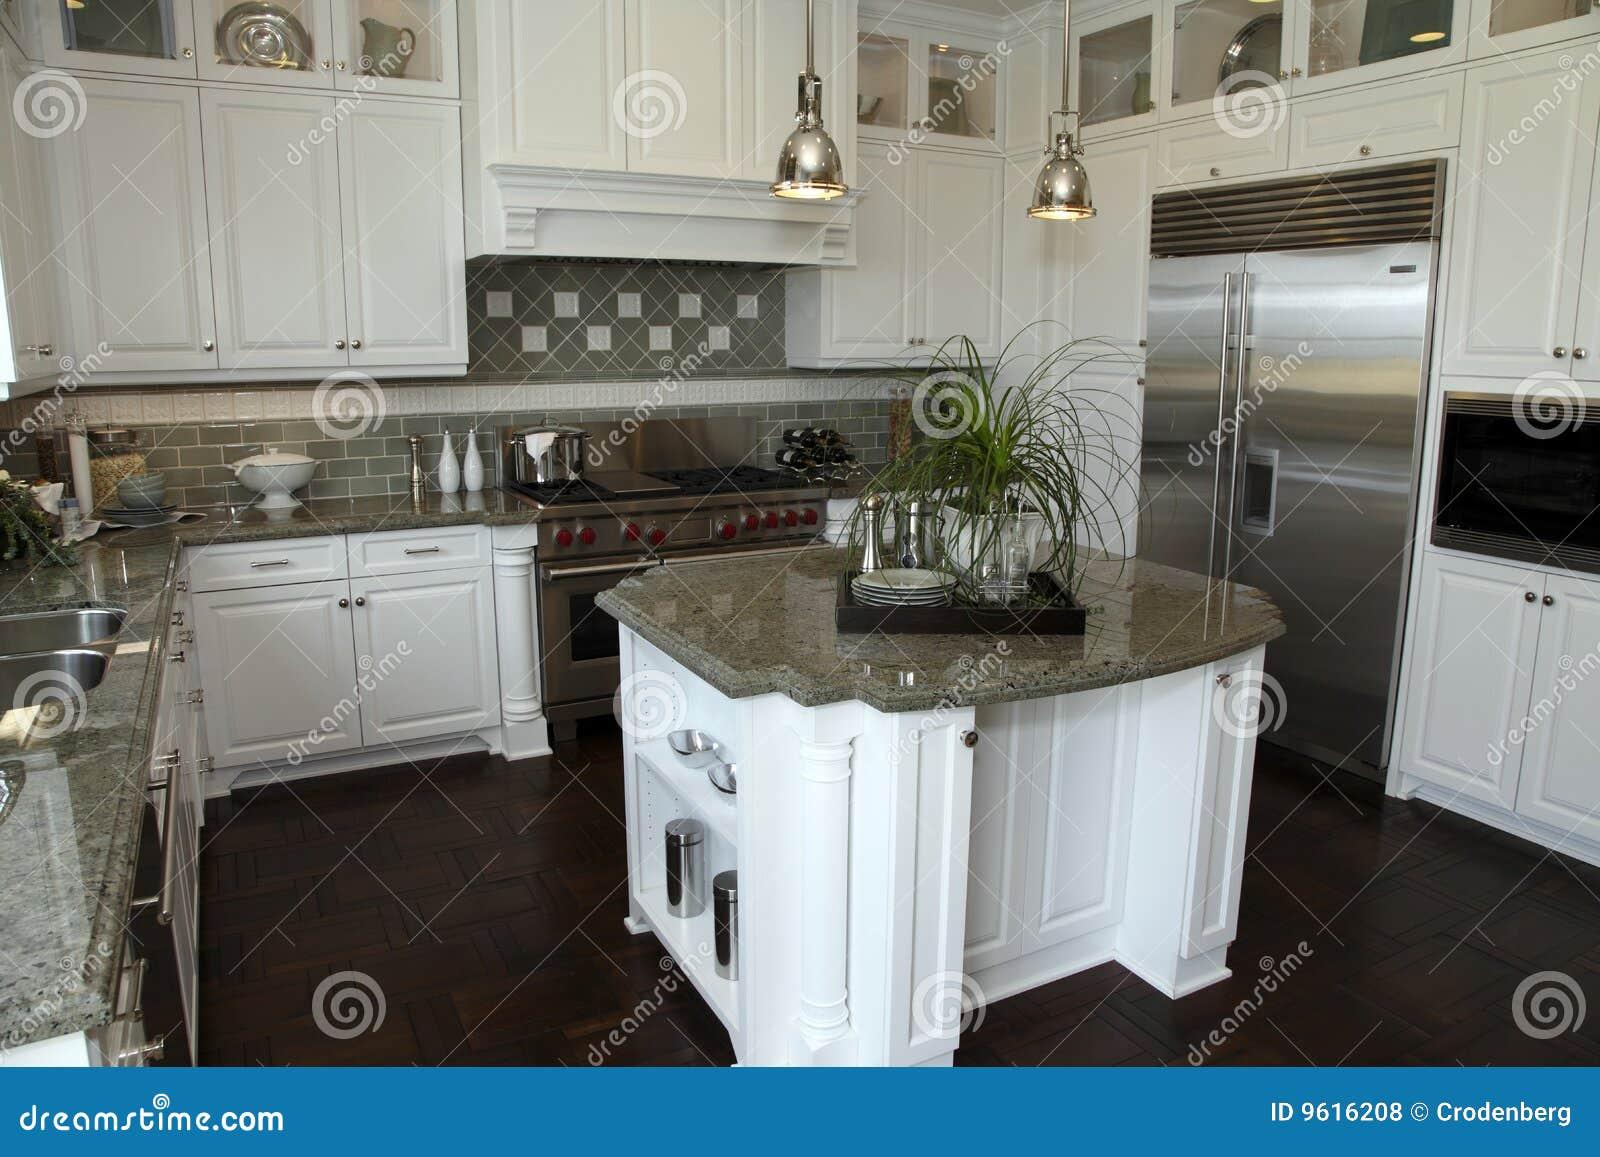 Cocinas De Lujo Modernas Cheap Lujo Las Cocinas Blancas